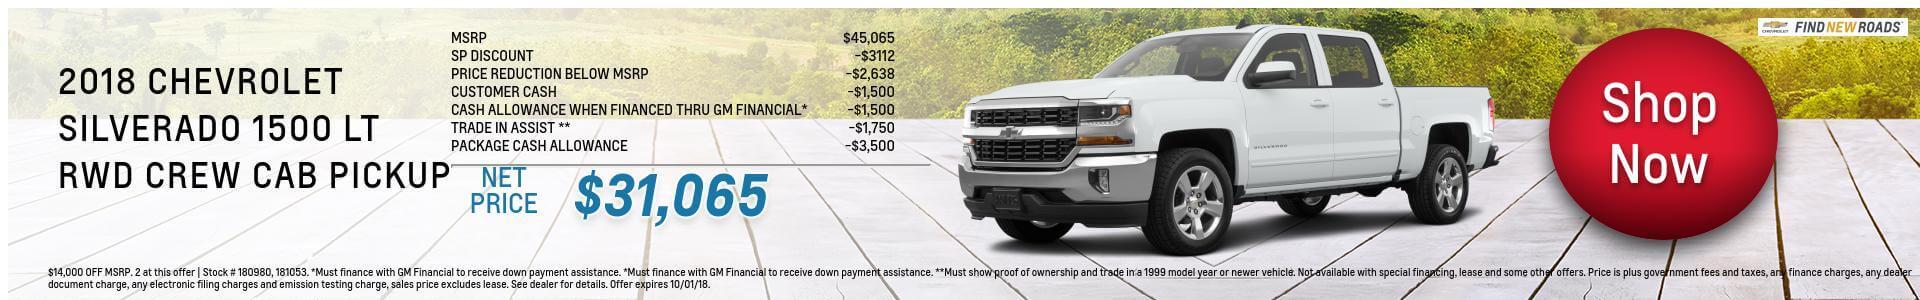 Silverado SRP - $10,000 Off